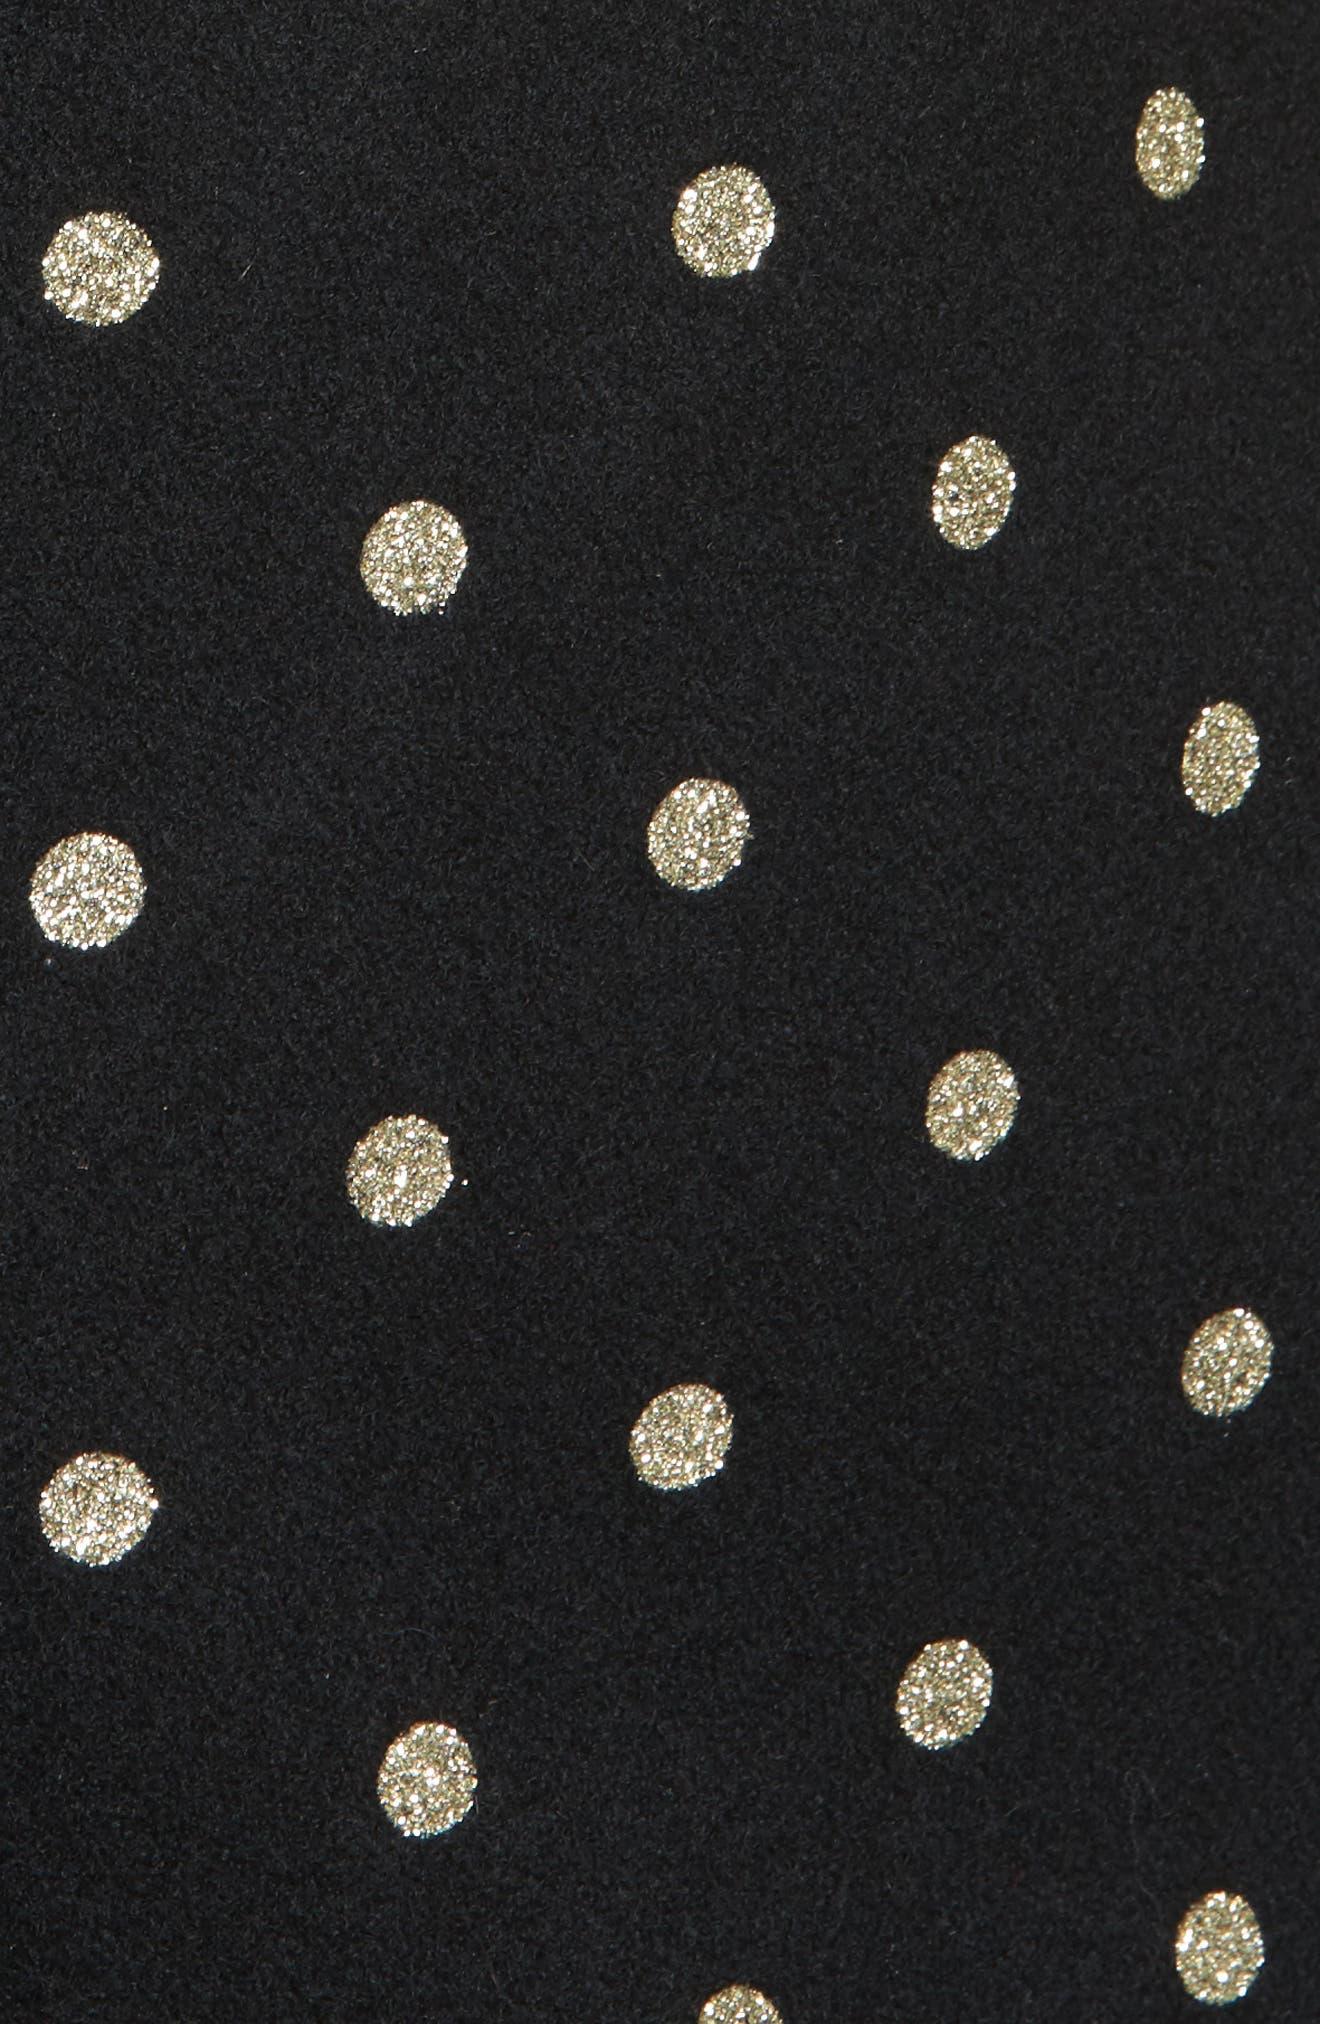 glitter dot wool blend coat,                             Alternate thumbnail 6, color,                             001